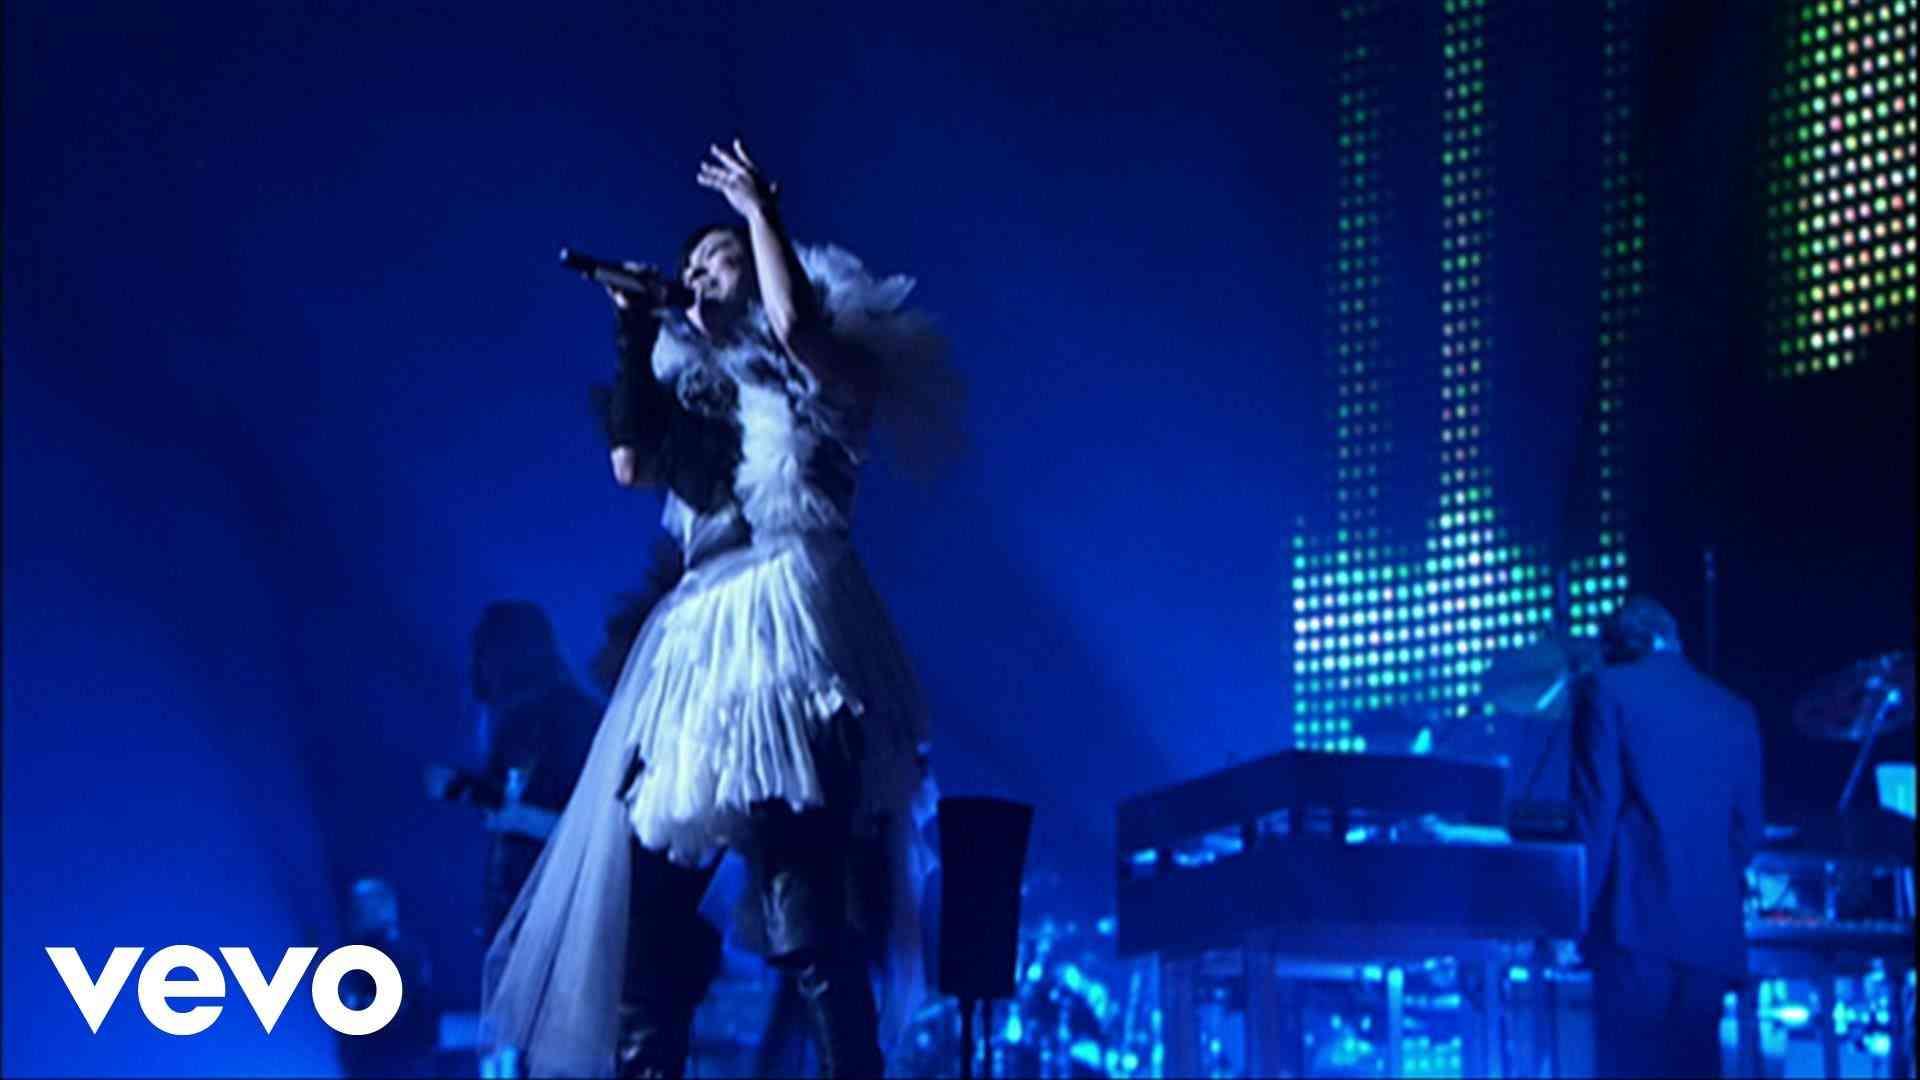 宇多田ヒカル - This Is Love (Live Ver.) - YouTube